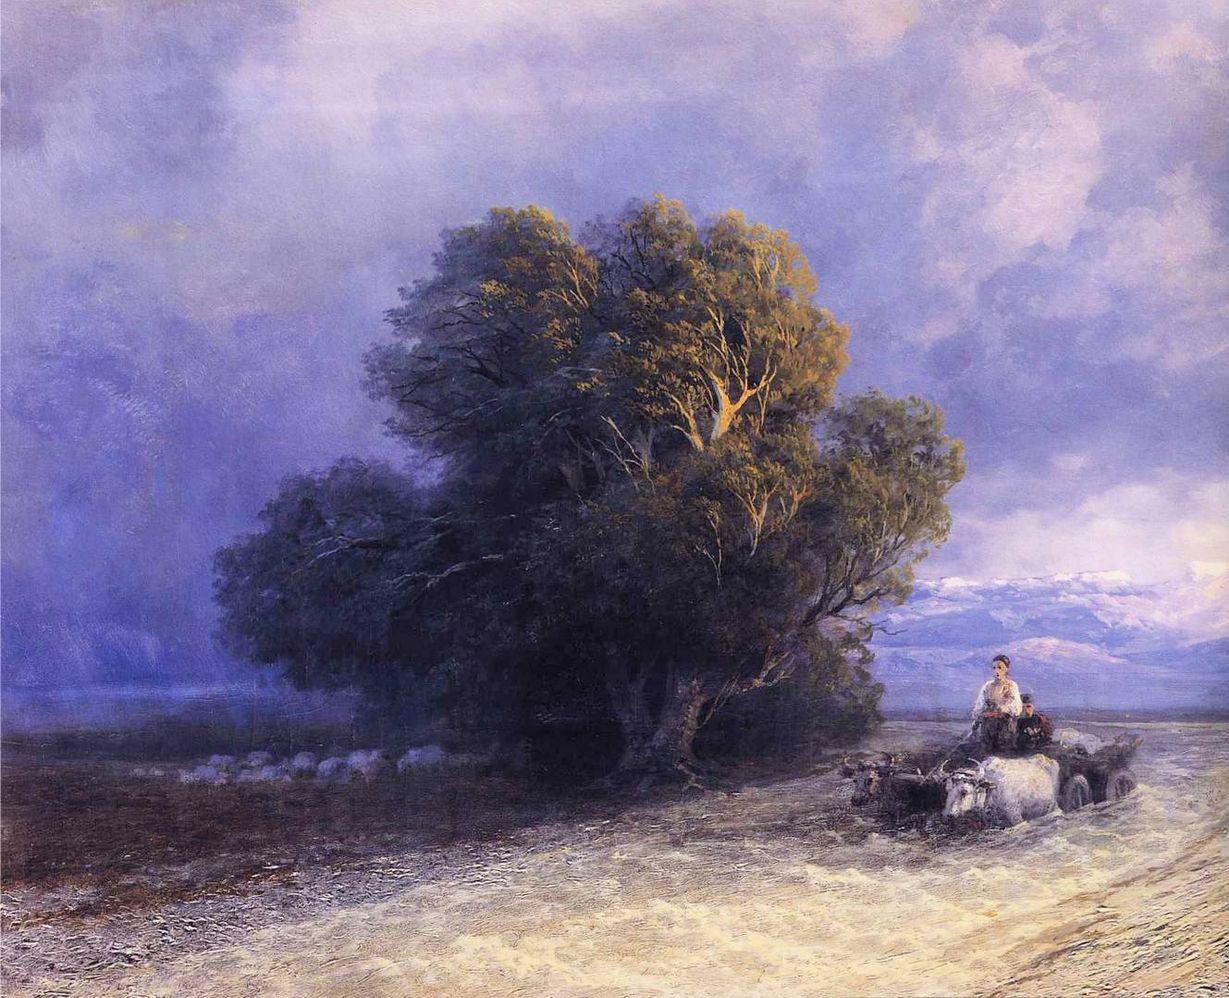 И.К. Айвазовский. Телега с волами пересекает затопленную равнину 1897